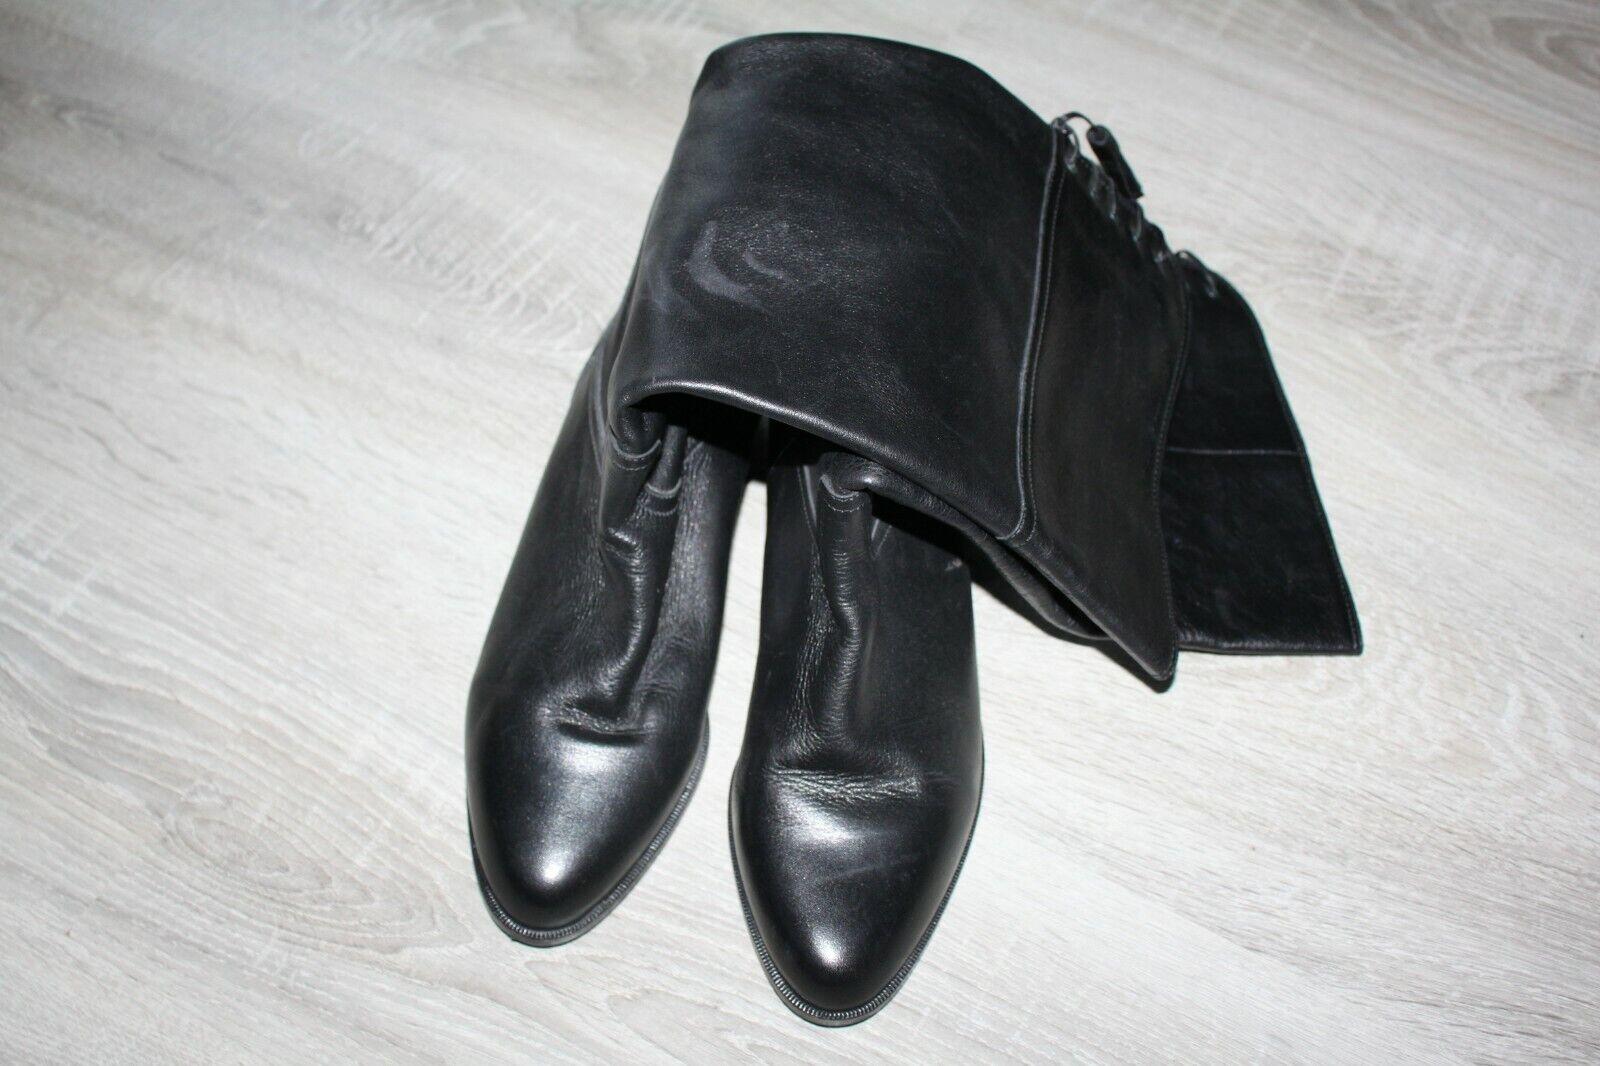 Gabor Damen Stiefel schwarz Leder 6  40 wie neu